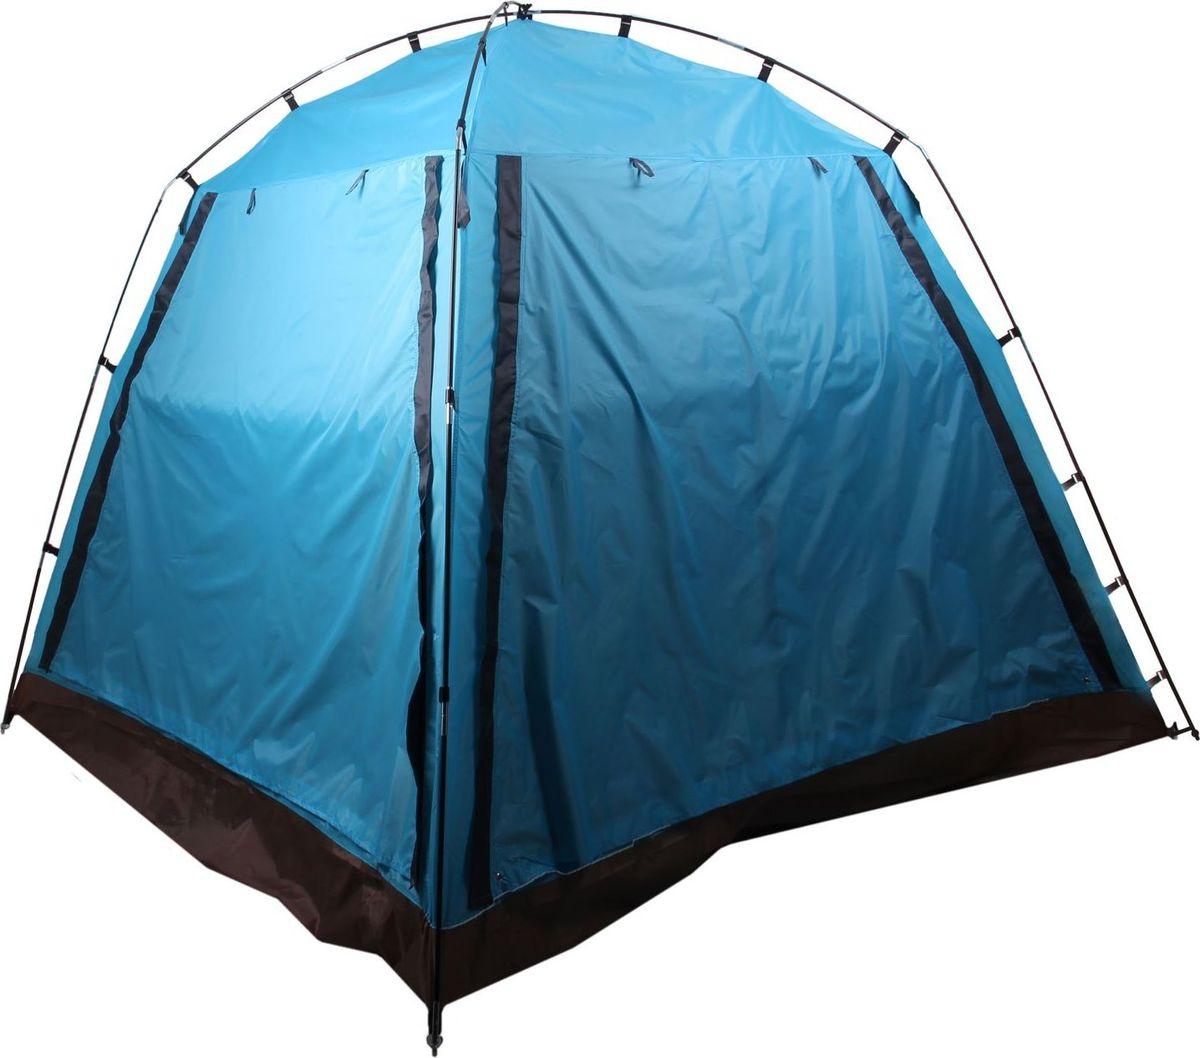 Шатер, со стенками, цвет: синий, 220 х 220 х 180 см09840-20.000.00Шатёр со стенками, размер 220 х 220 х 180 см, цвет синий позволит укрыться от солнца в жаркий день и защитит от надоедливых насекомых. Внутри палатки вы сможете расположиться для ночёвки в тёплую погоду. С двух противоположных сторон сделаны входы с москитной сеткой, закрывающиеся на молнию. Обе боковые стенки состоят из внешней откидывающейся части и оборудованы москитной сеткой, благодаря которой внутрь будет поступать свежий воздух. Характеристики Тент: таффета 210Т, влагозащита 3000 мм. Пол: оксфорд 210Д, влагозащита 3000 мм. Каркас: сталь, 8,5 мм. Вместимость: 3 человека. Для шатра-автомат подходит инструкция по сборке палатки-автомат.